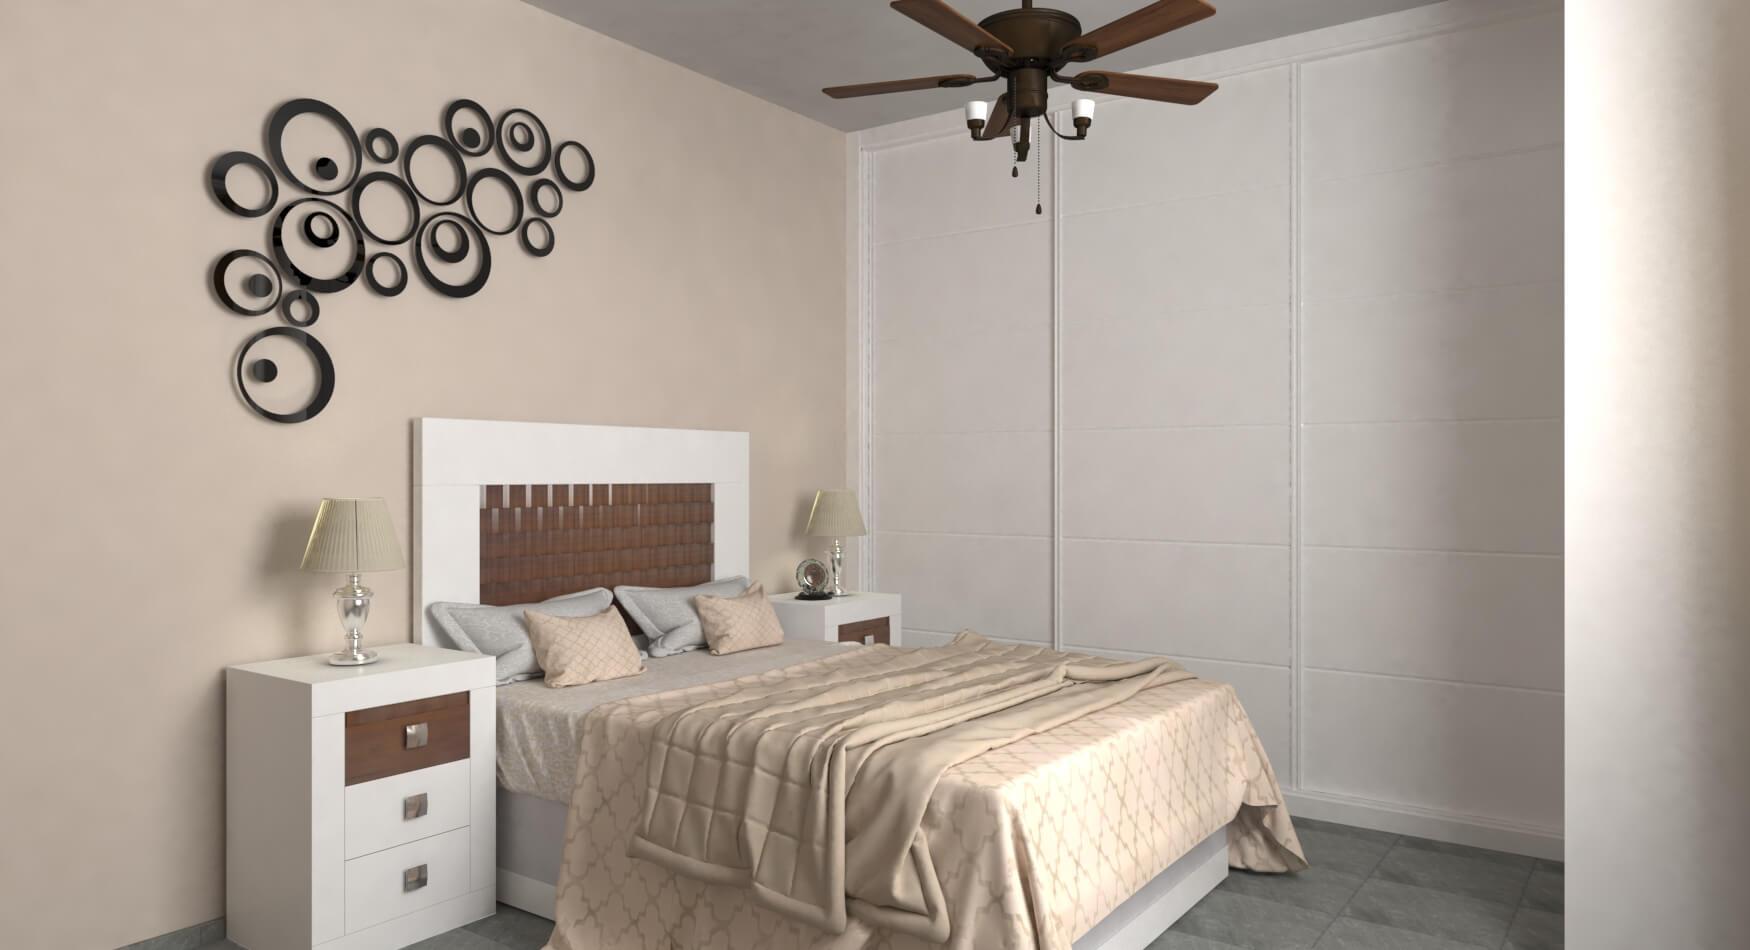 Dormitorio modelo GRANITO OLAS - Ref: 0026